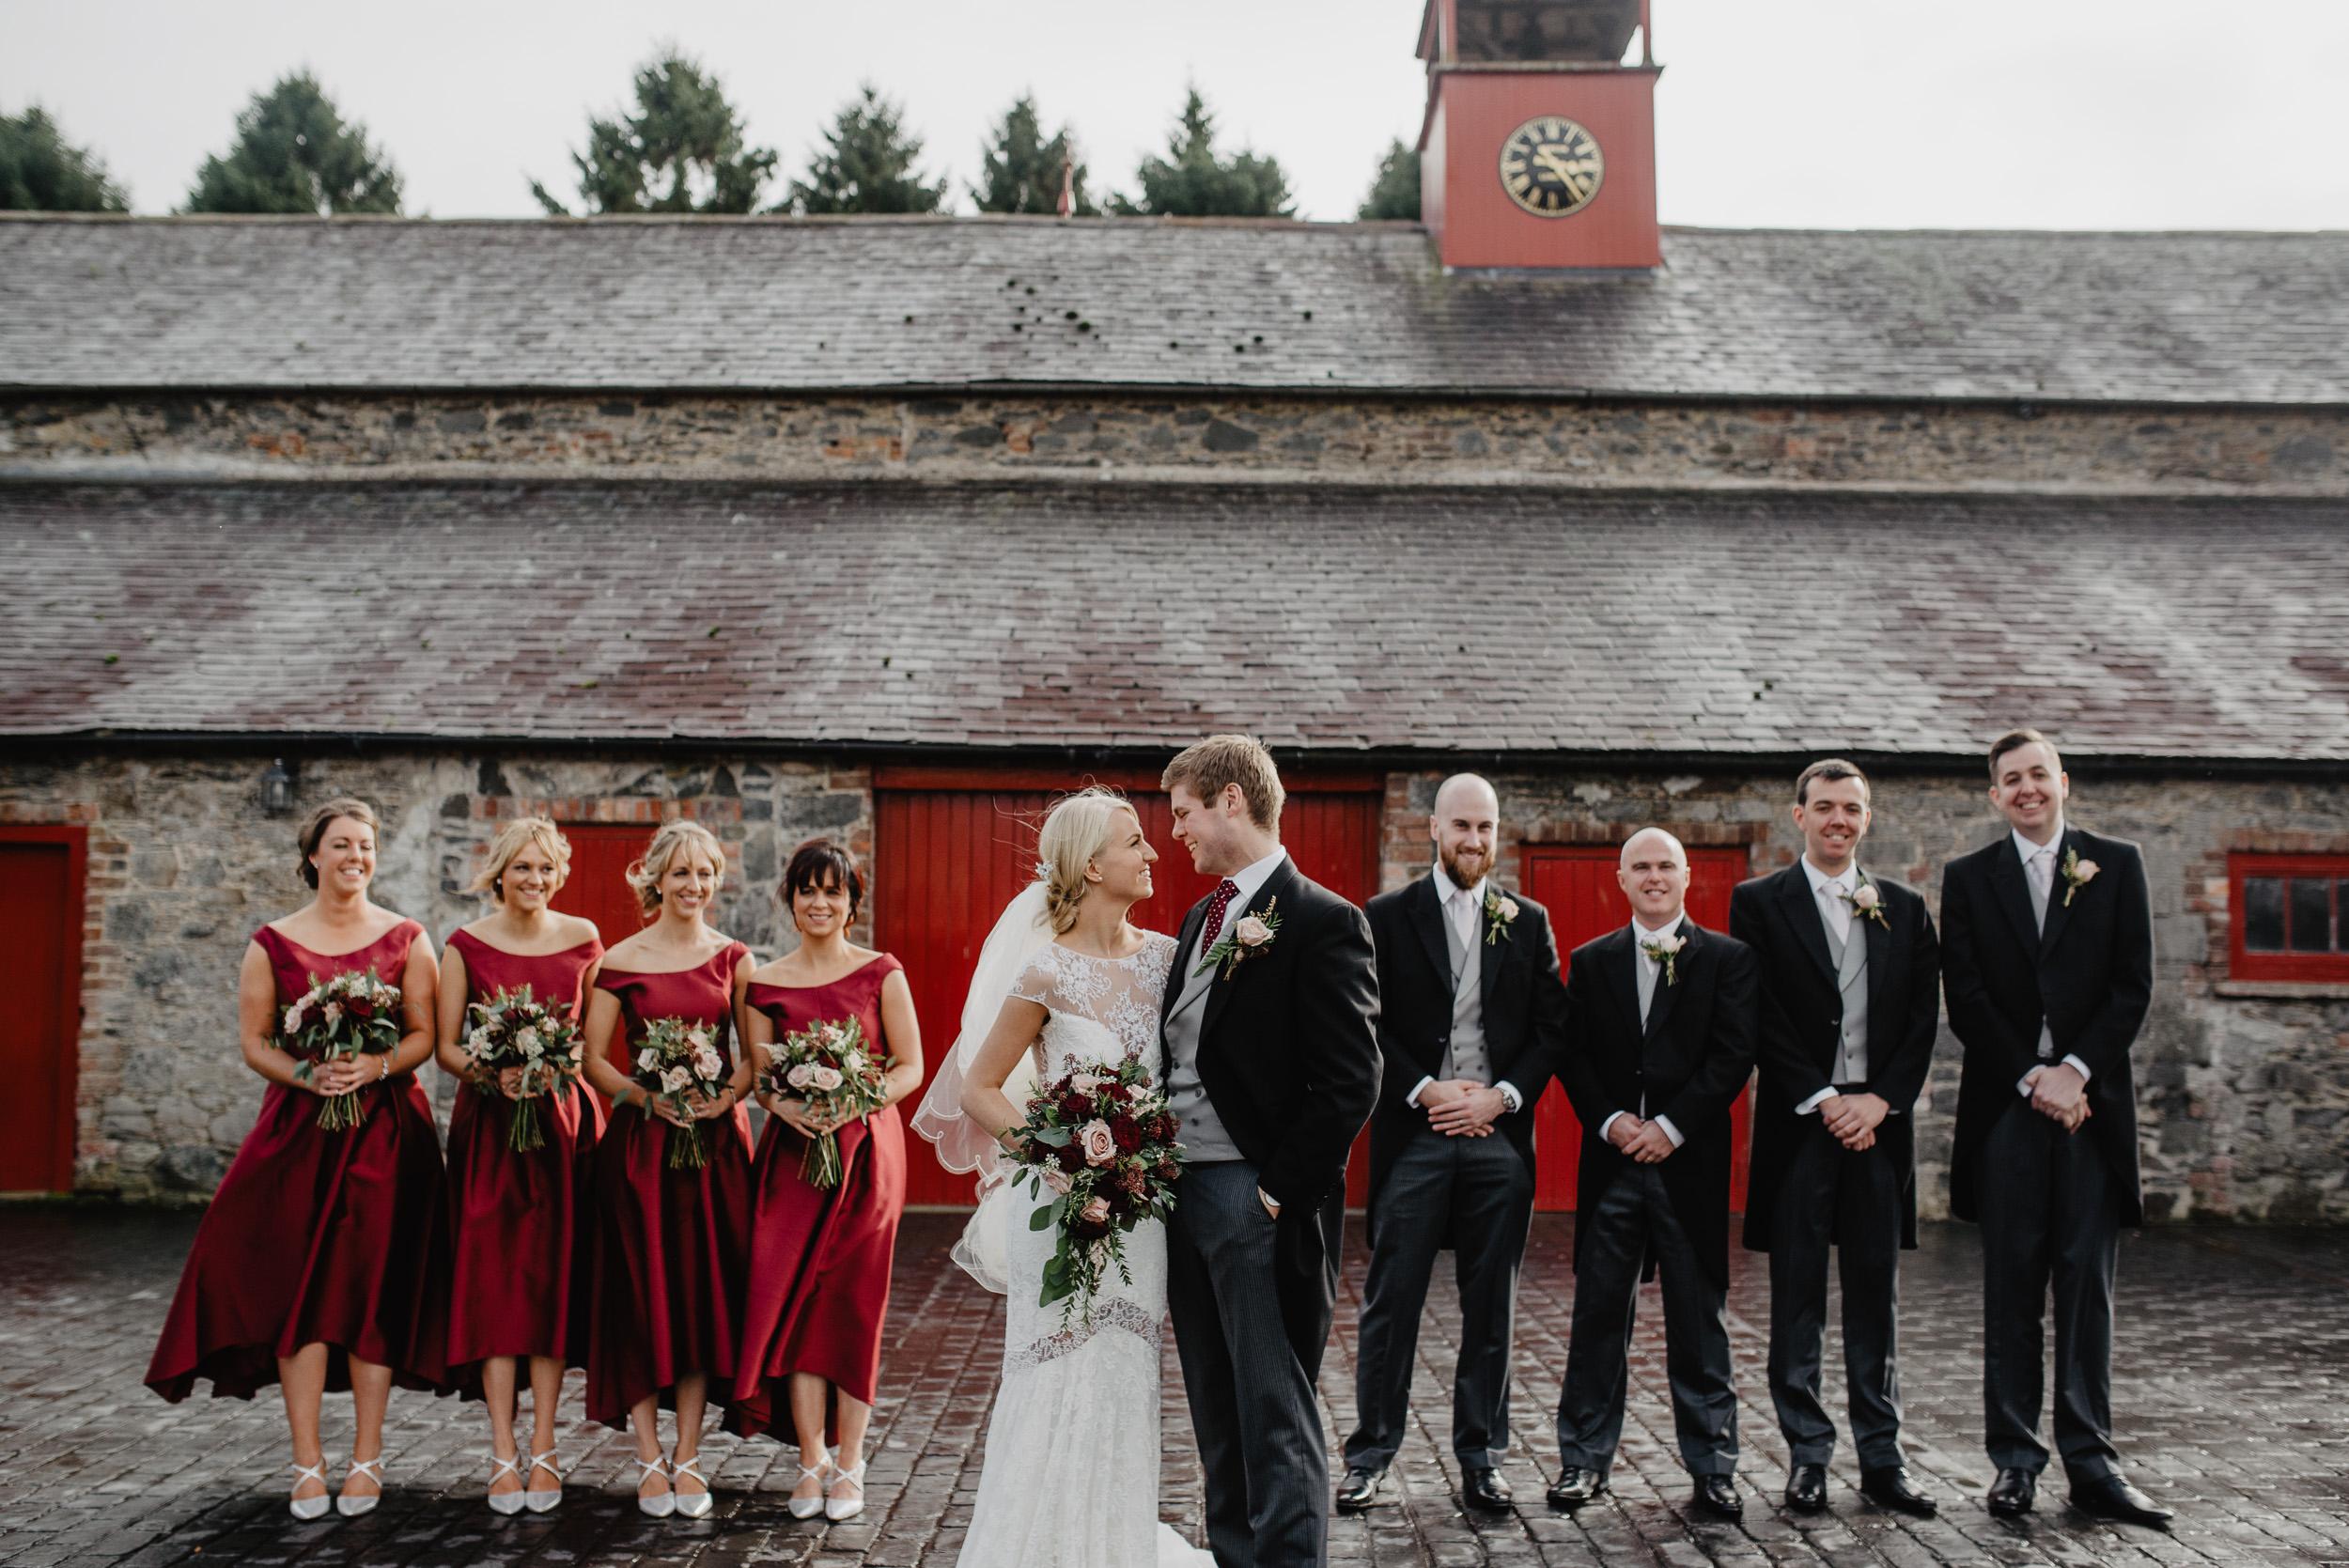 wedding photogaphy peter mackey 2018 meg-11.jpg